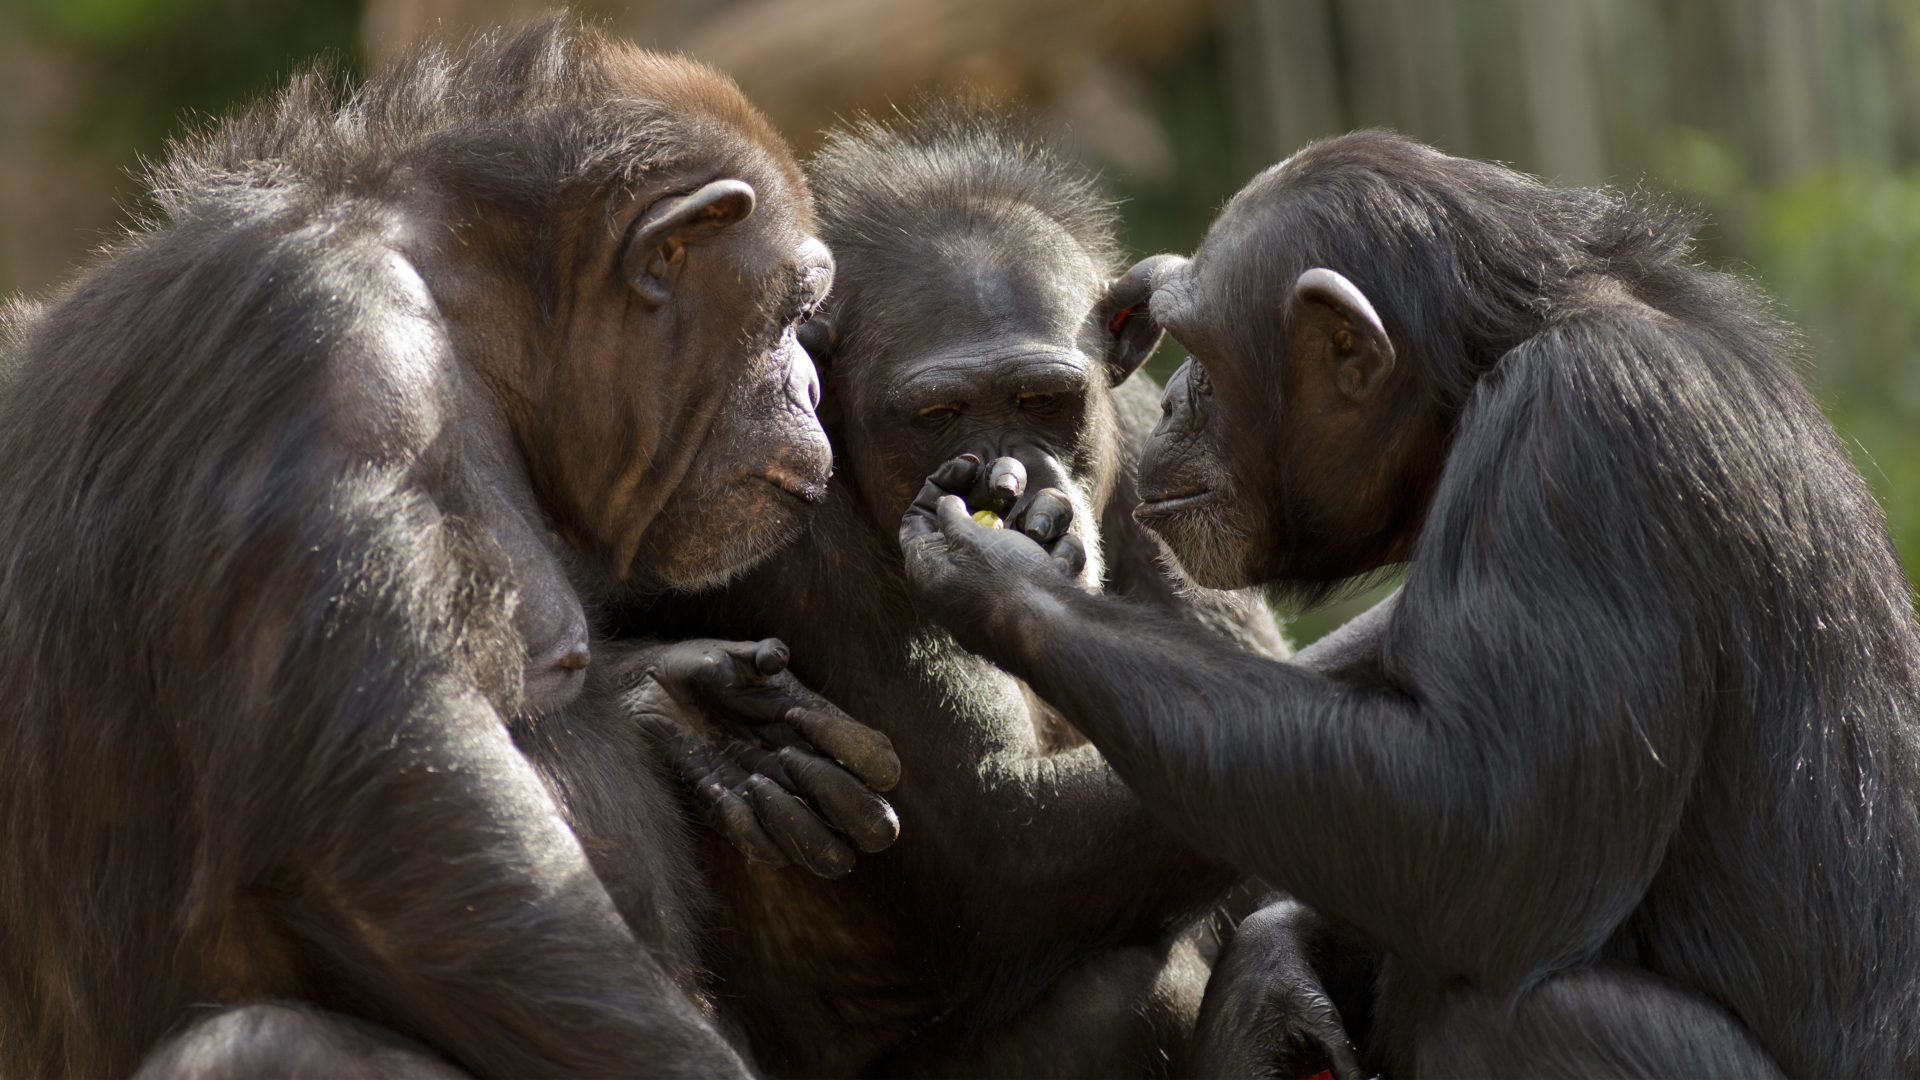 Simpanssit ovat sosiaalisia katsottuaan yhdessä elokuvan.